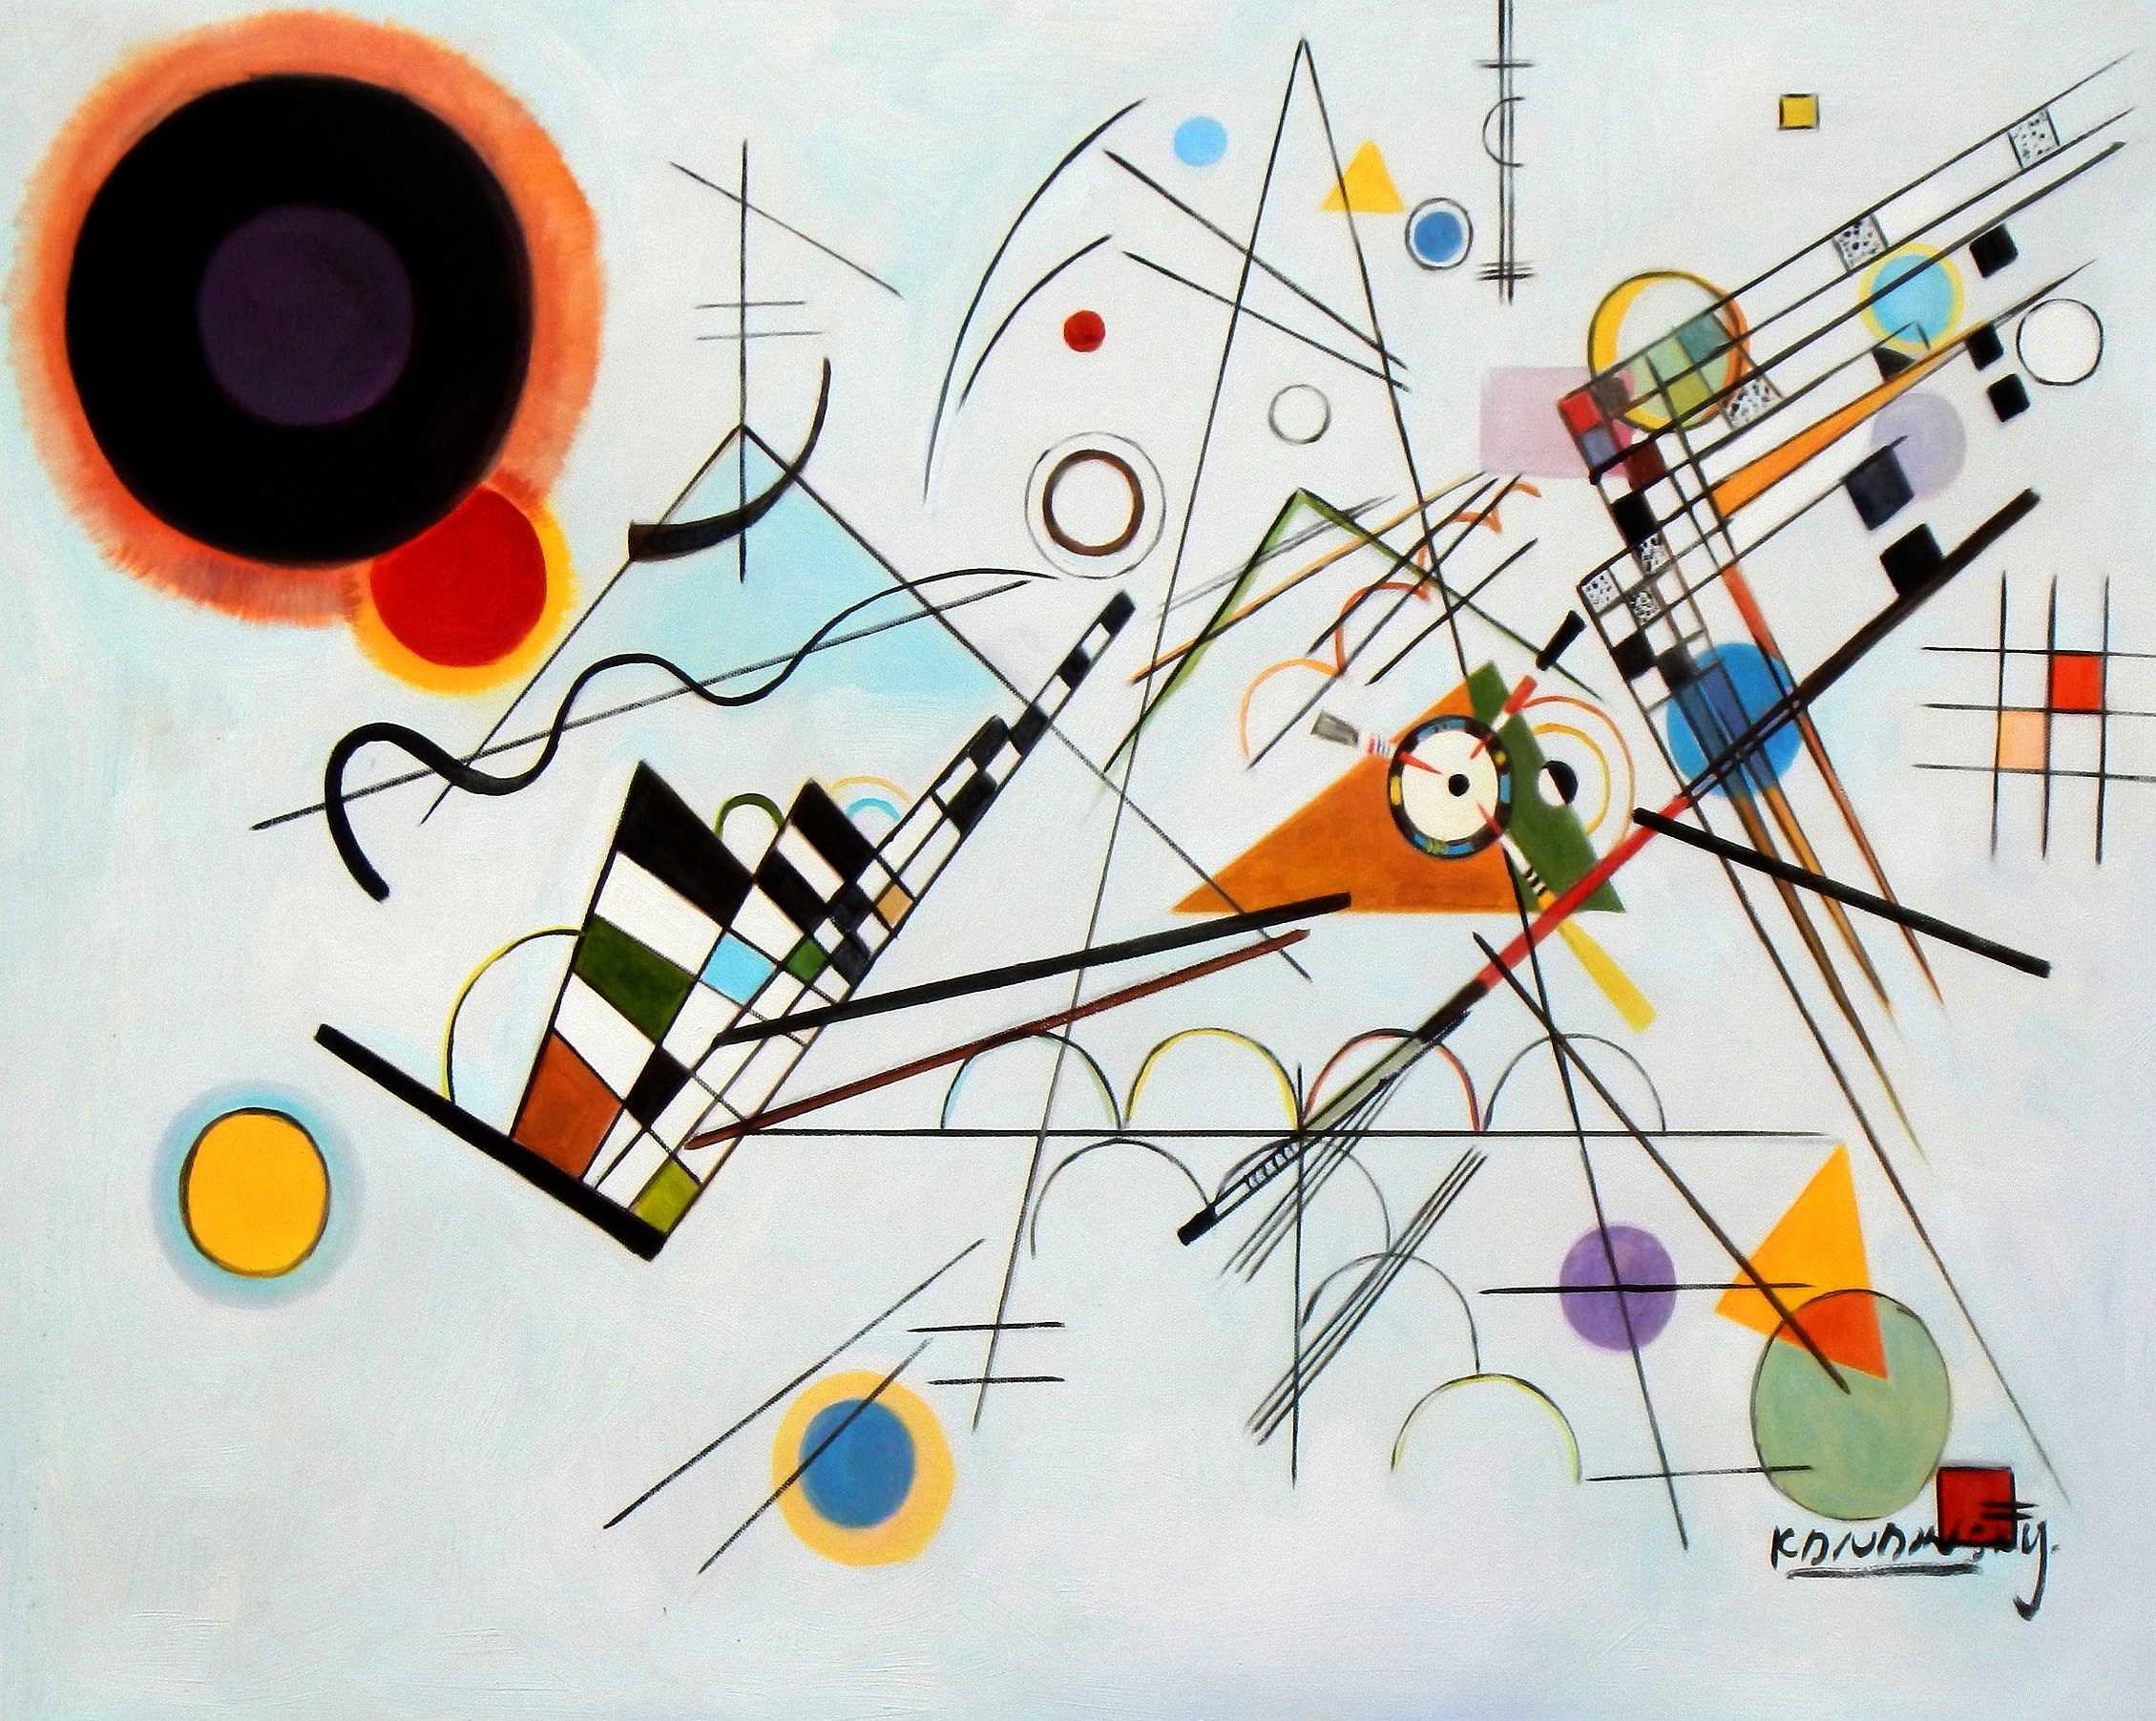 Wassily Kandinsky - Komposition VIII c95121 50x60cm bemerkenswertes Ölgemälde